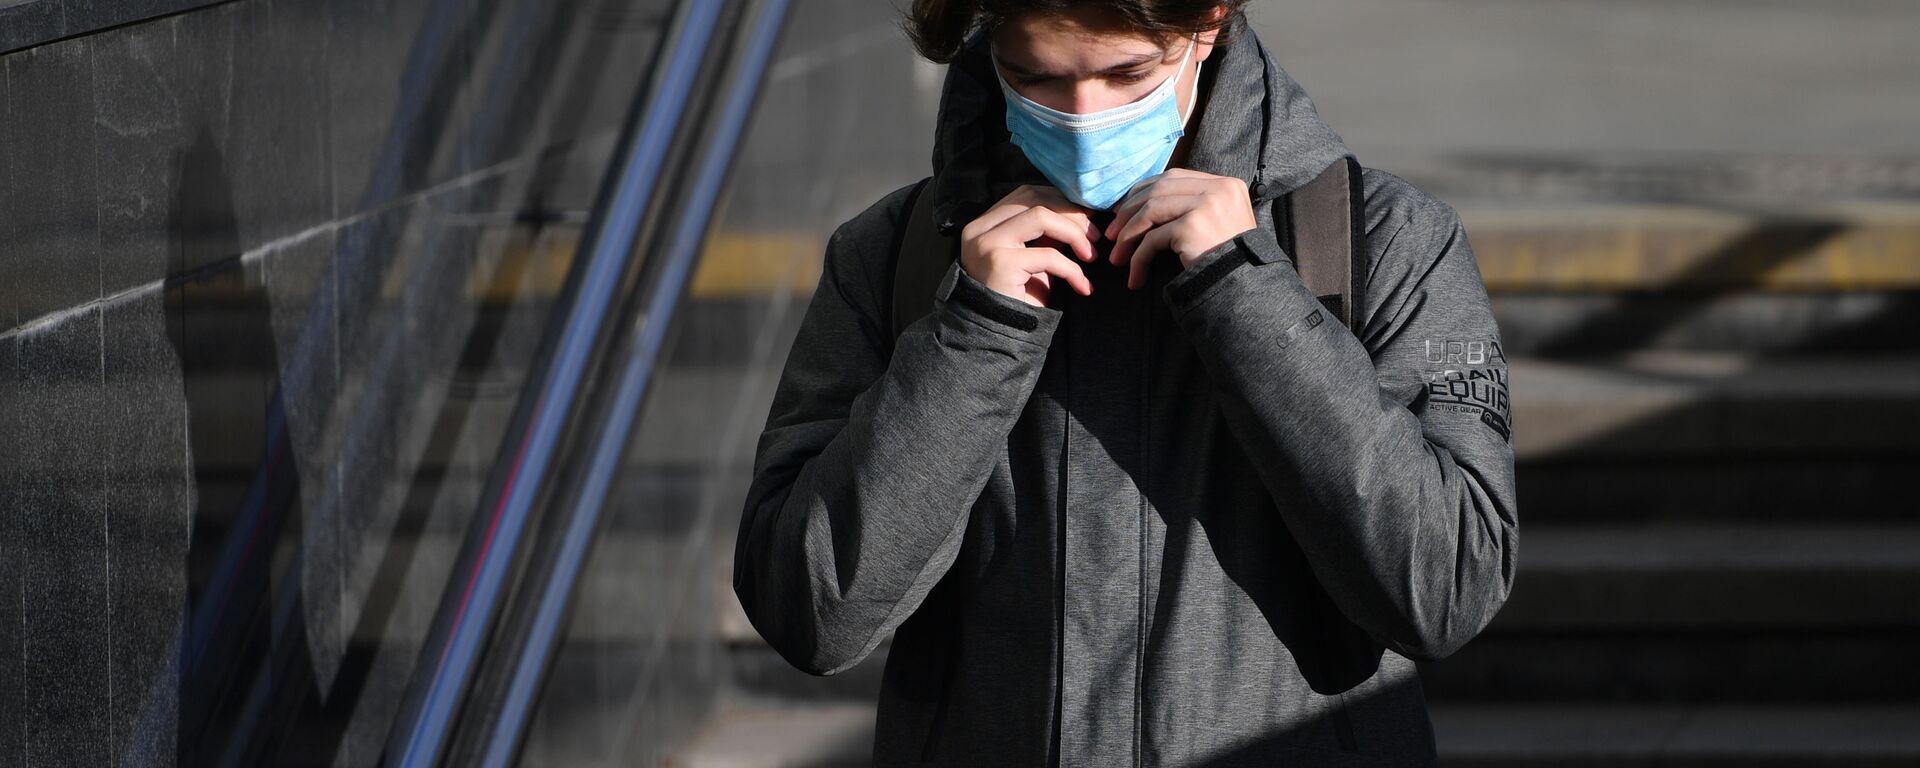 Coronavirus in Russia -un ragazzo in maschera protettiva sulla strada a Mosca - Sputnik Italia, 1920, 28.02.2021